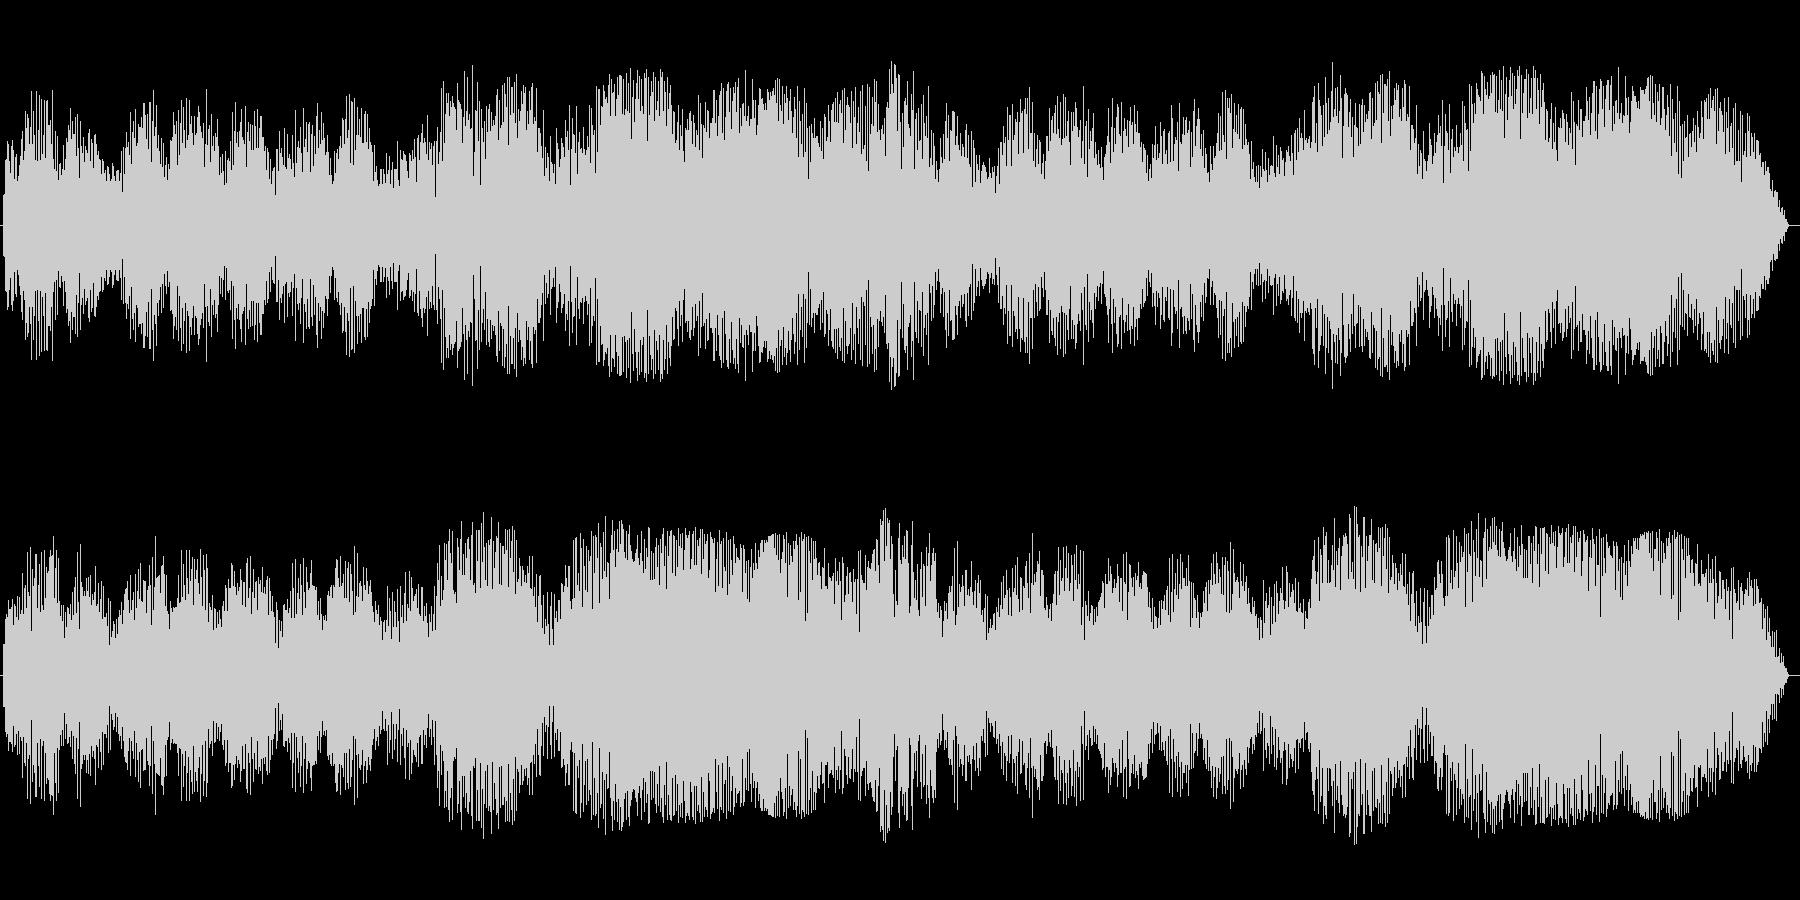 柔らかいイメージの黄昏音の未再生の波形